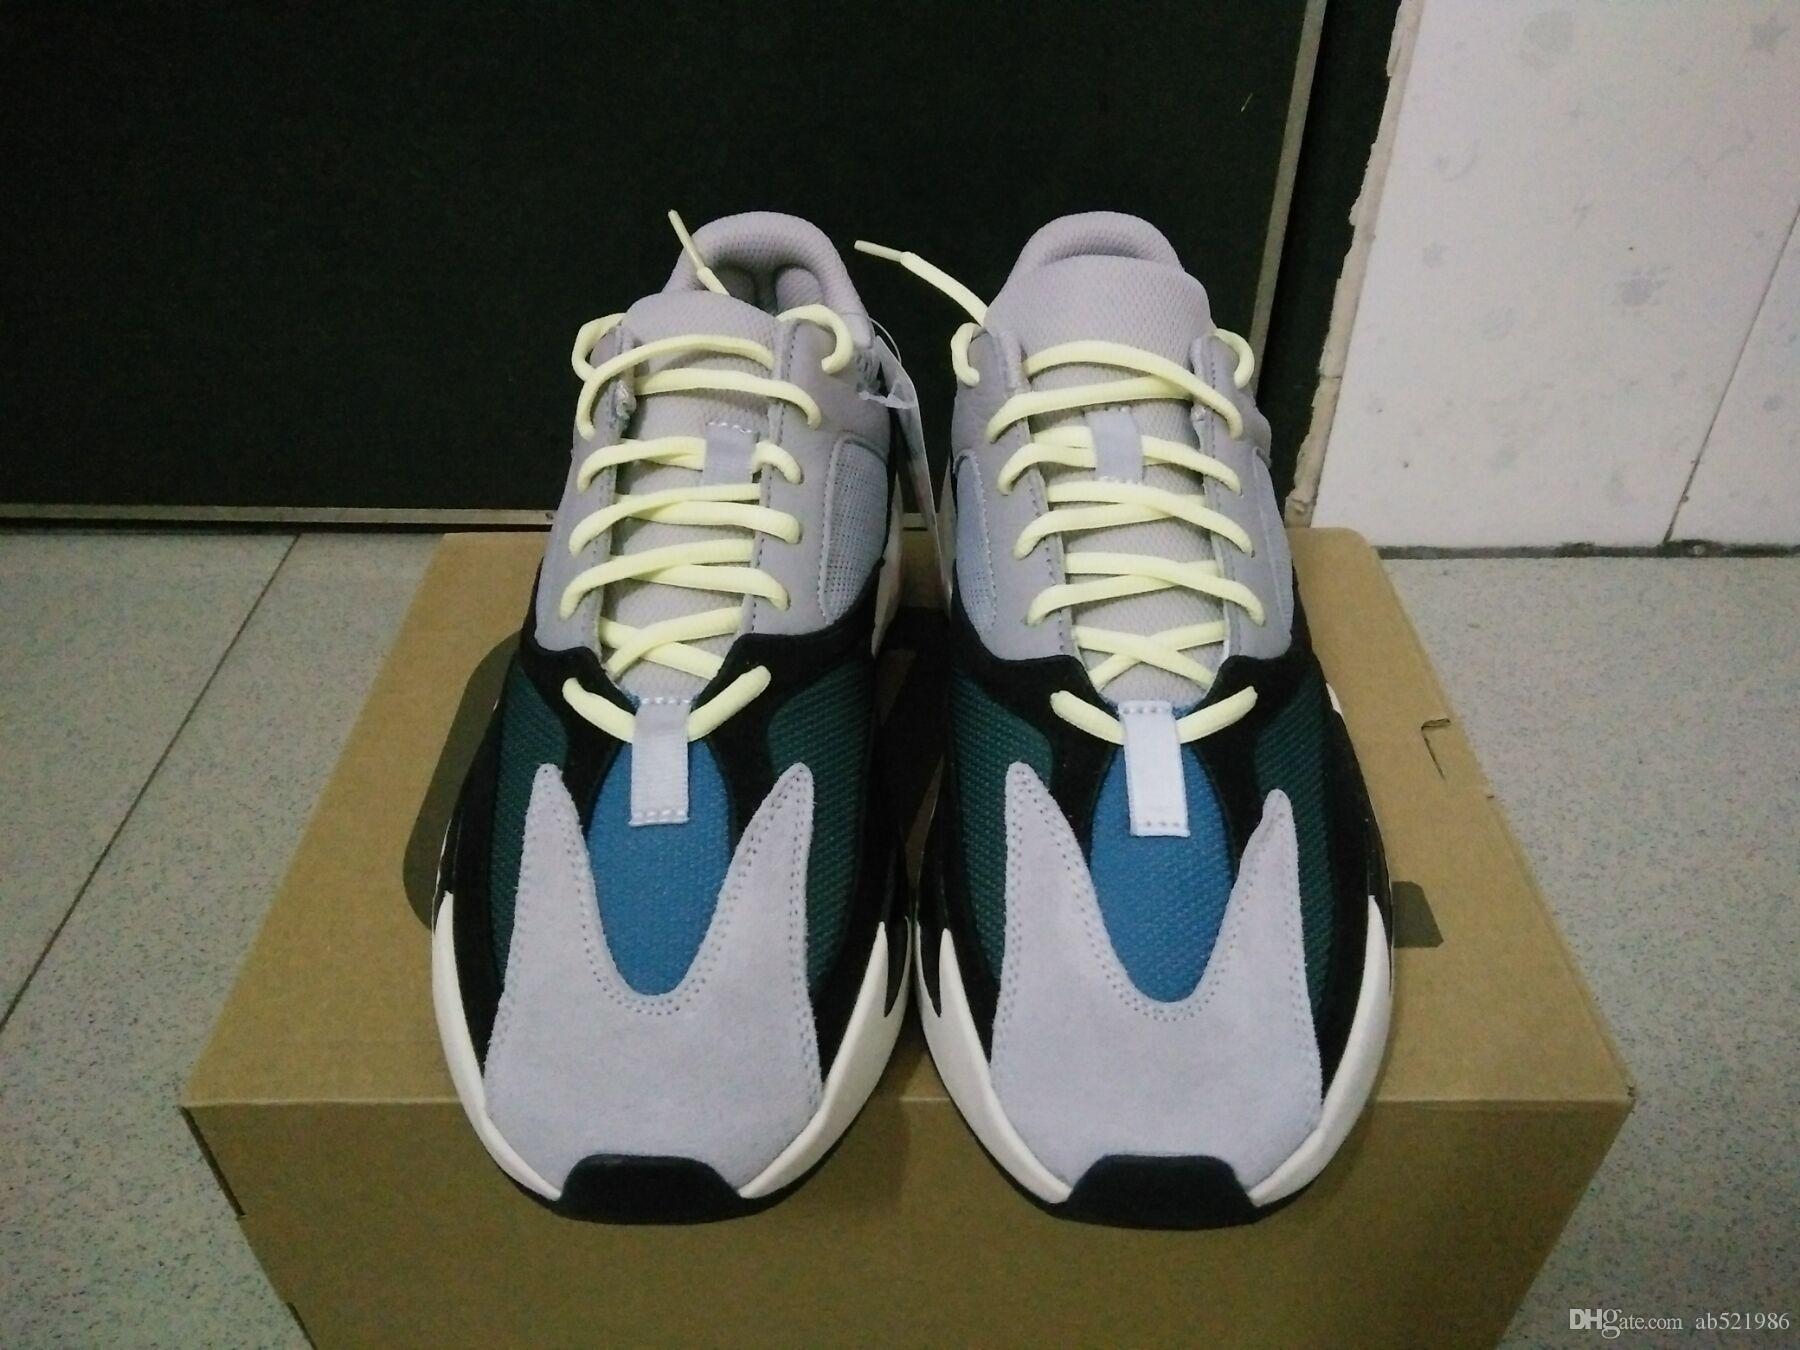 Runner unisex Sneakers Running Shoes 700 Wave Runner B75571